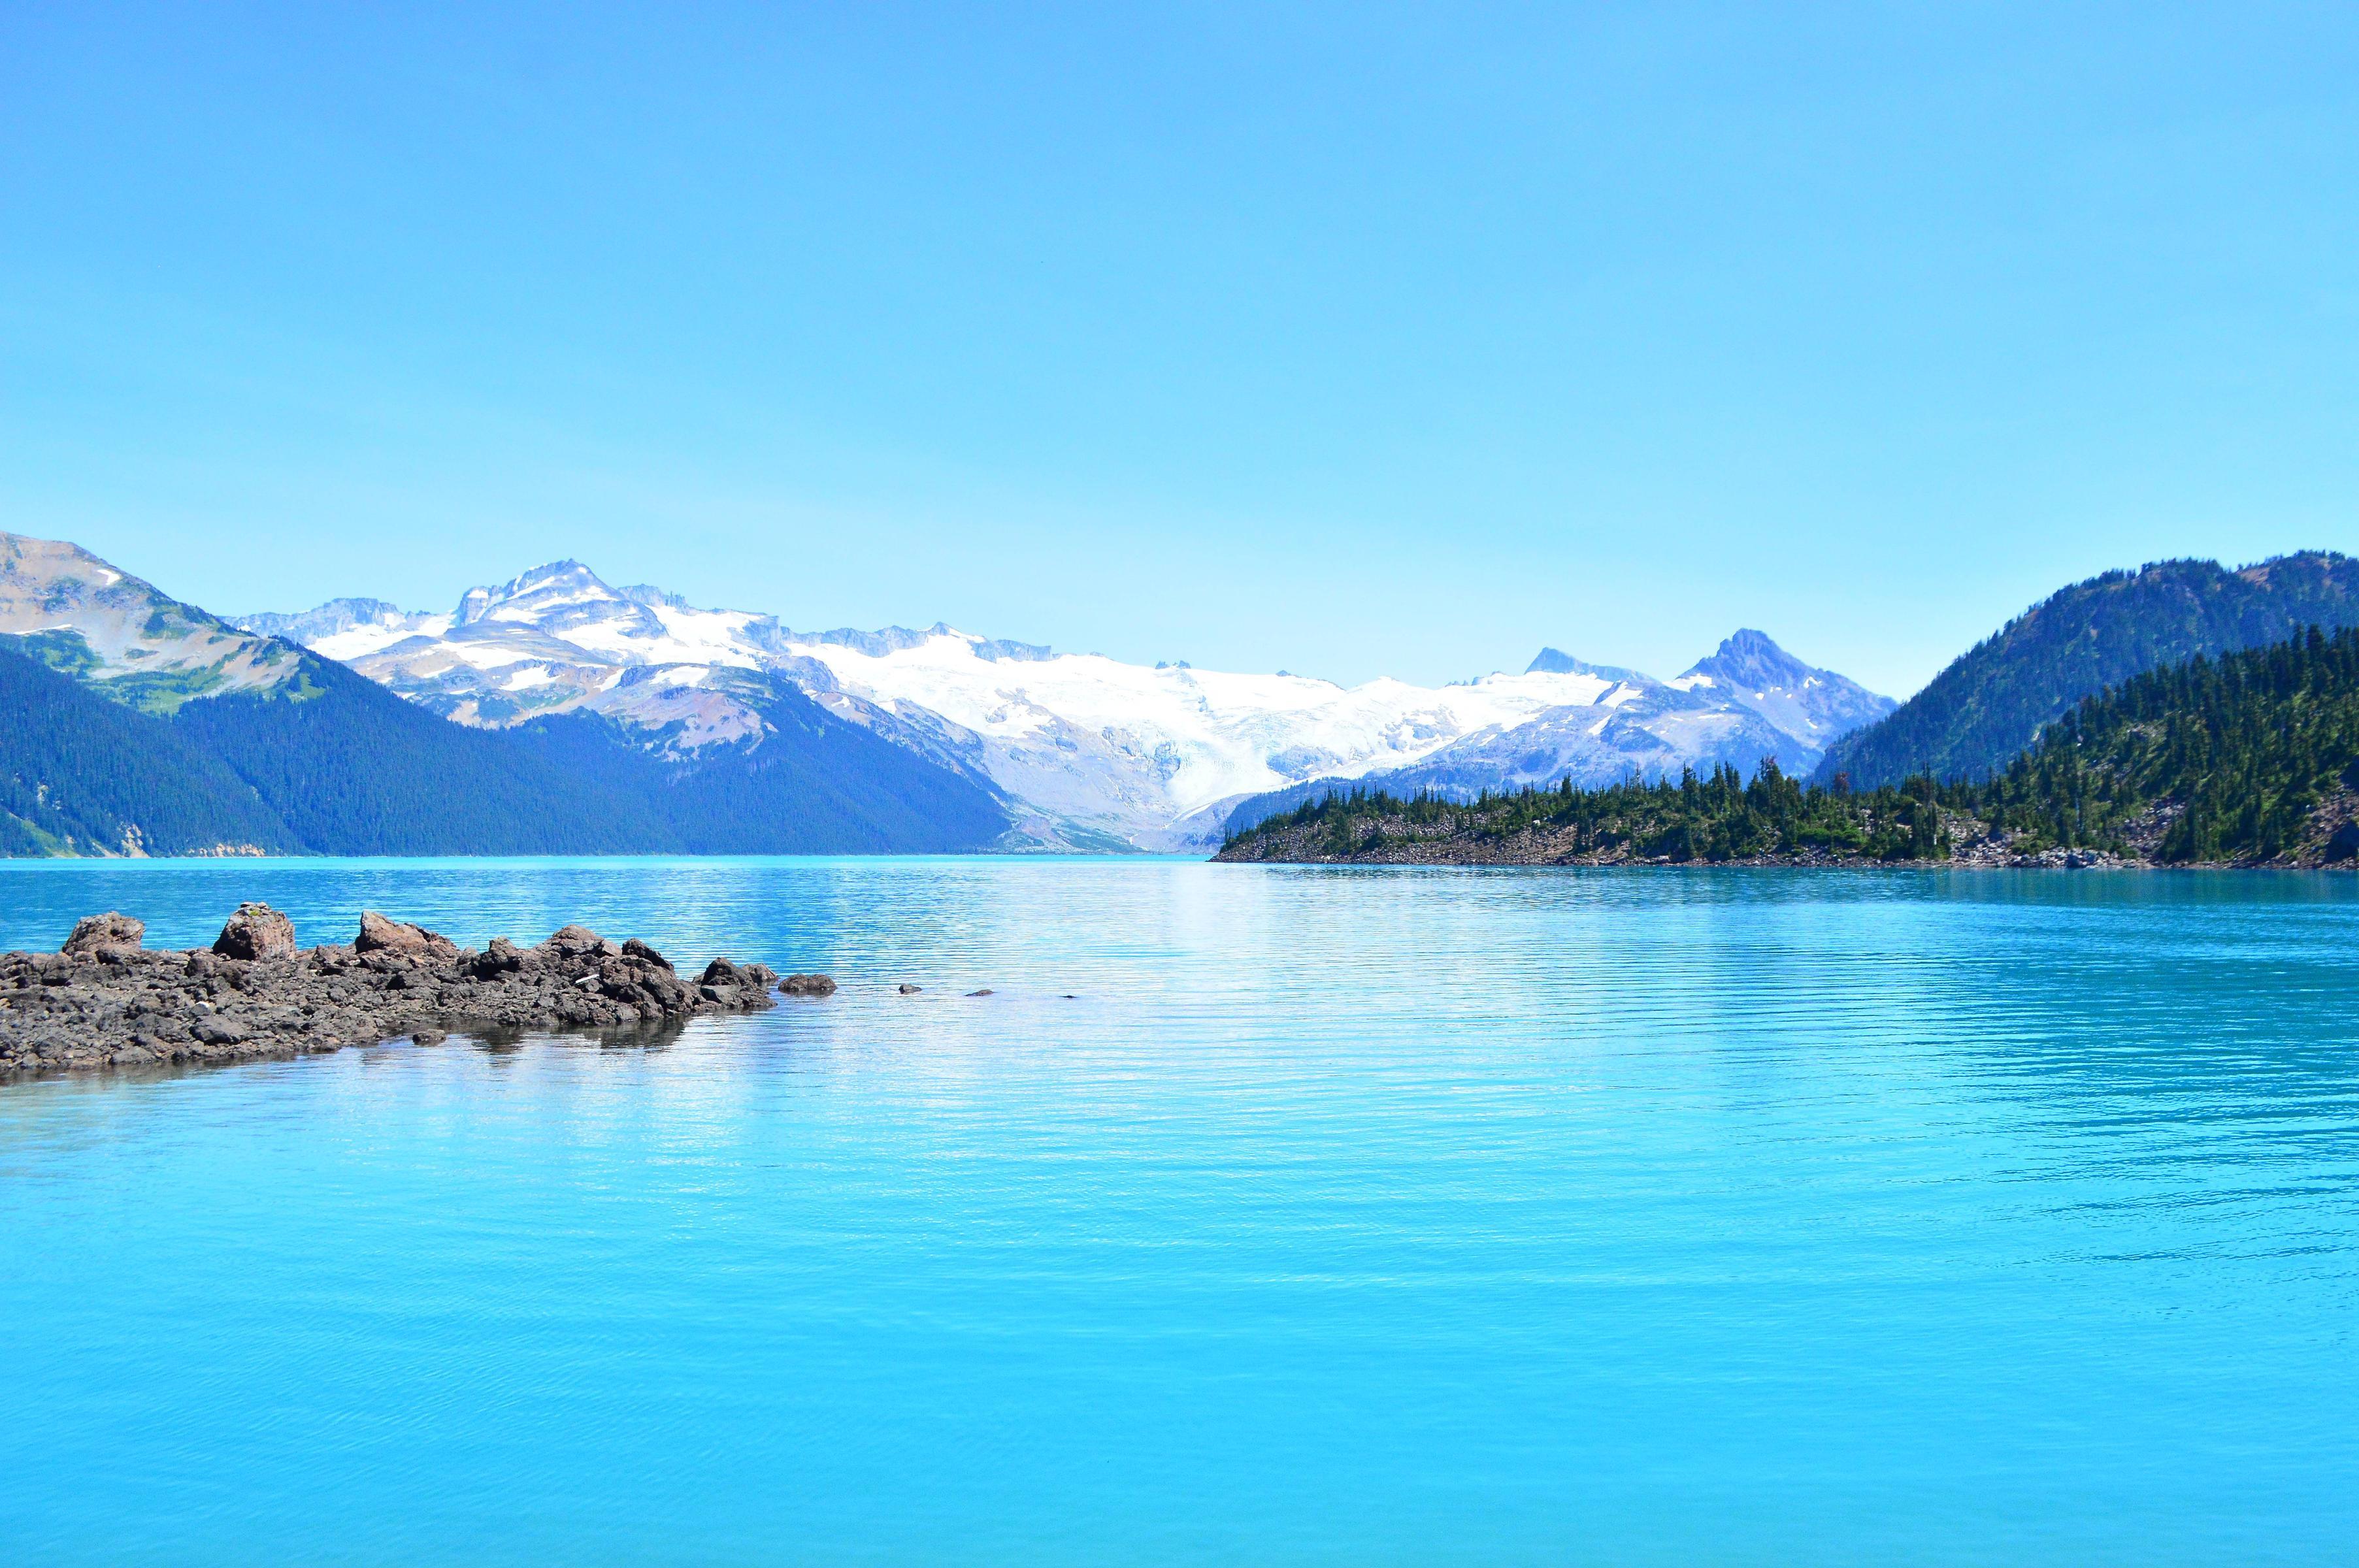 HQ Garibaldi Lake Wallpapers   File 914.23Kb